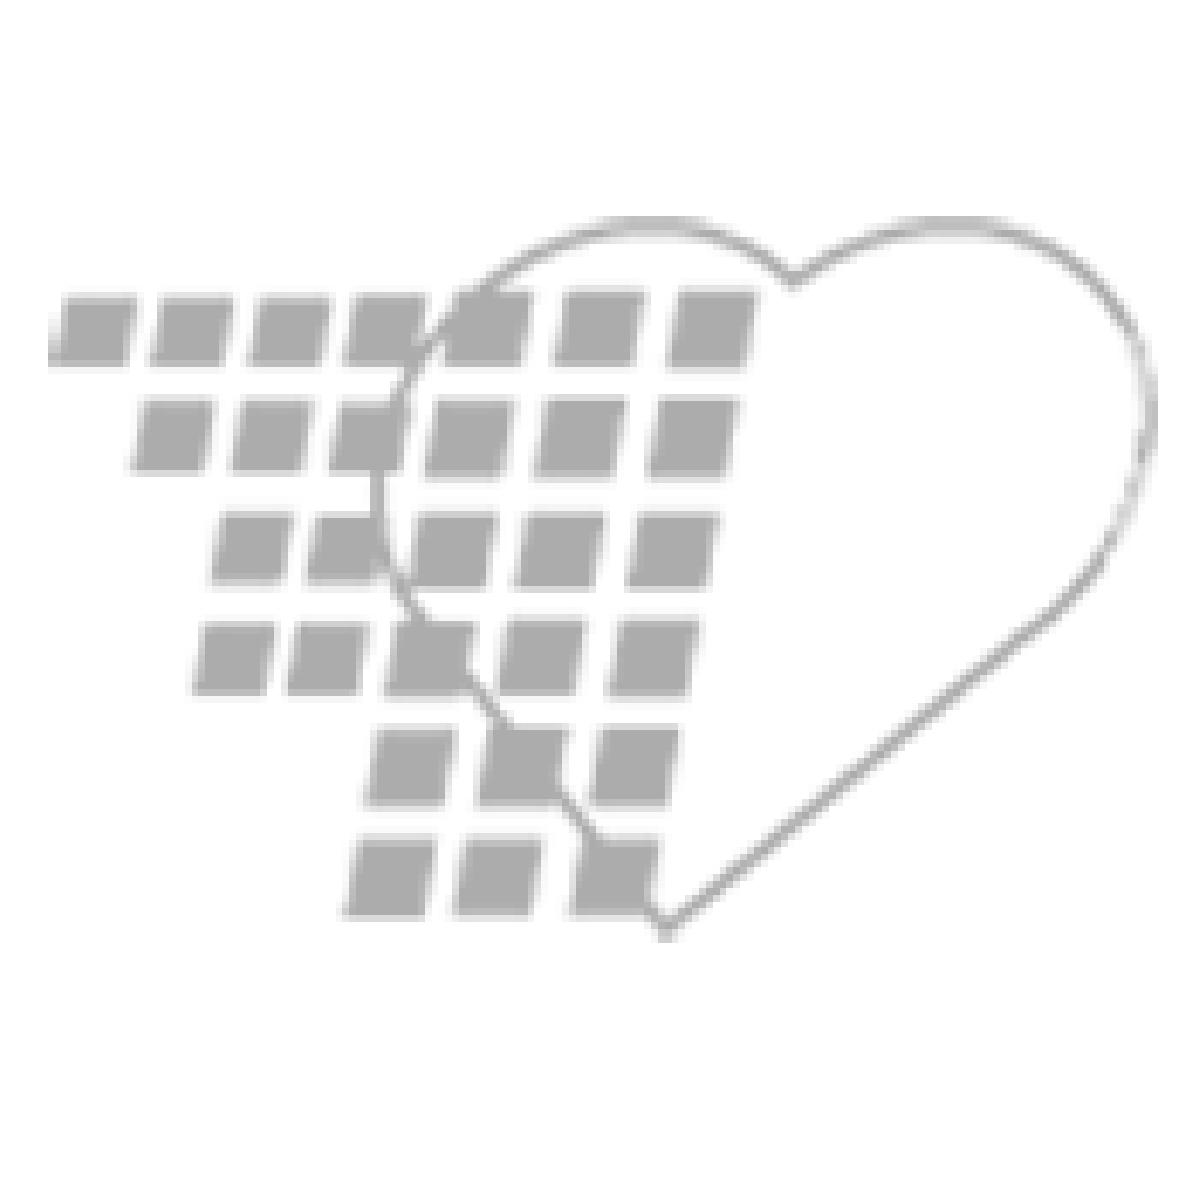 02-20-3220 Welch Allyn  Assorted Blood Pressure Cuff Sizes